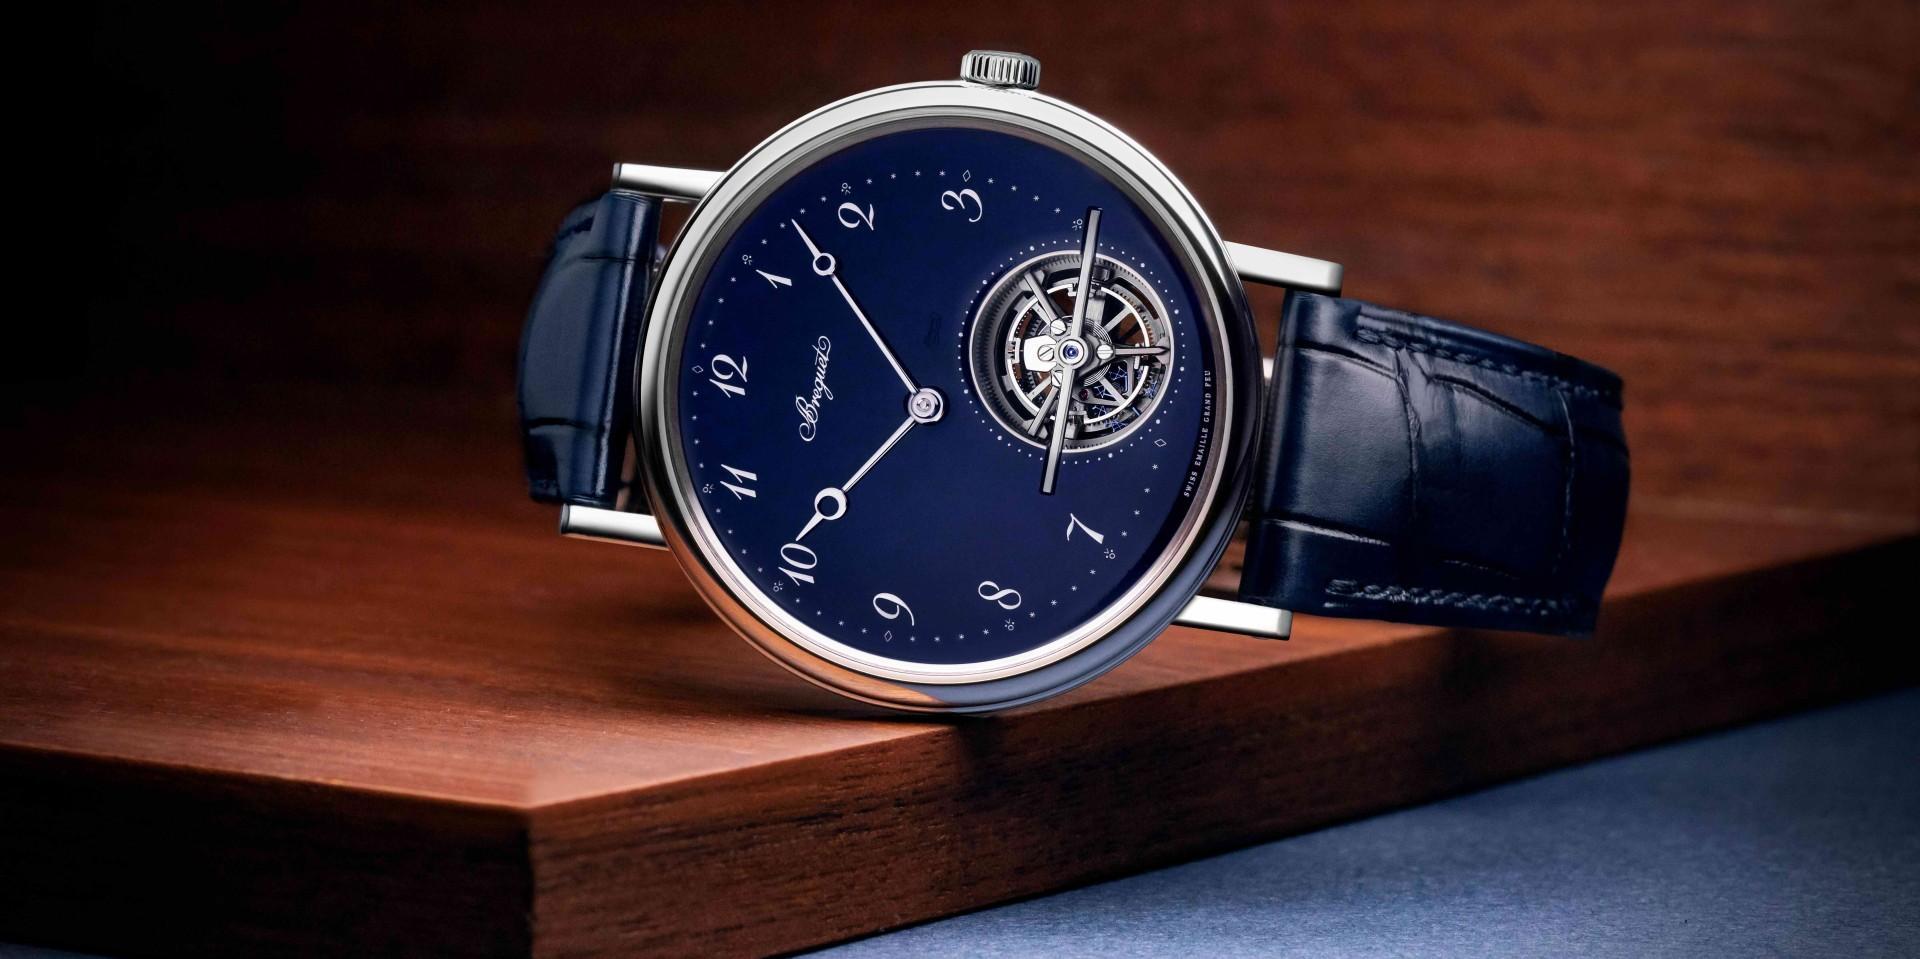 經典陀飛輪+雋永深藍色裝飾:寶璣Classique Tourbillon Extra-Plat Automatique 5395藍色大明火琺瑯陀飛輪腕錶